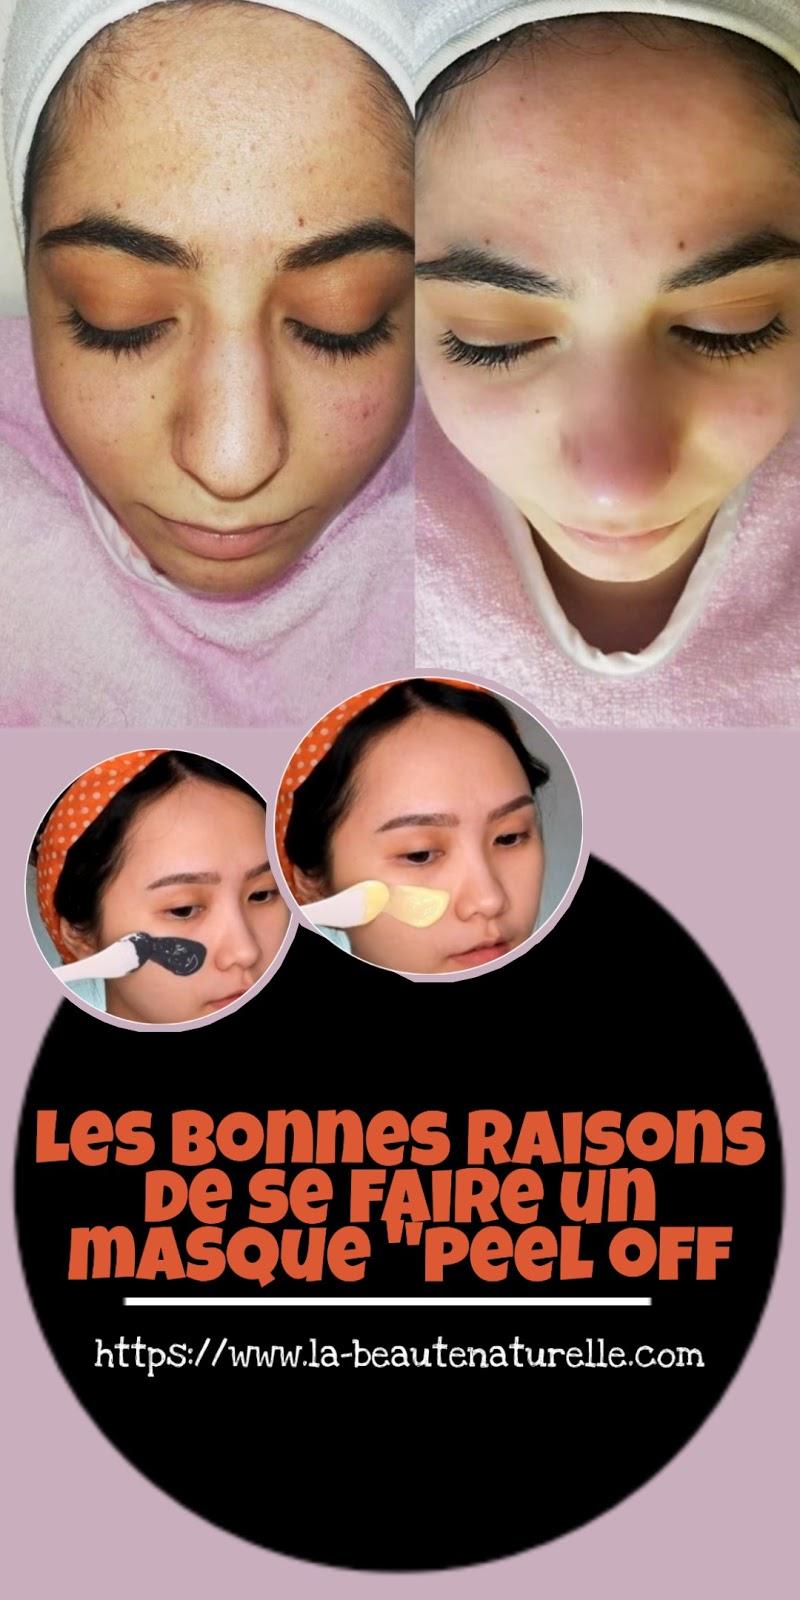 """Les bonnes raisons de se faire un masque """"peel off"""